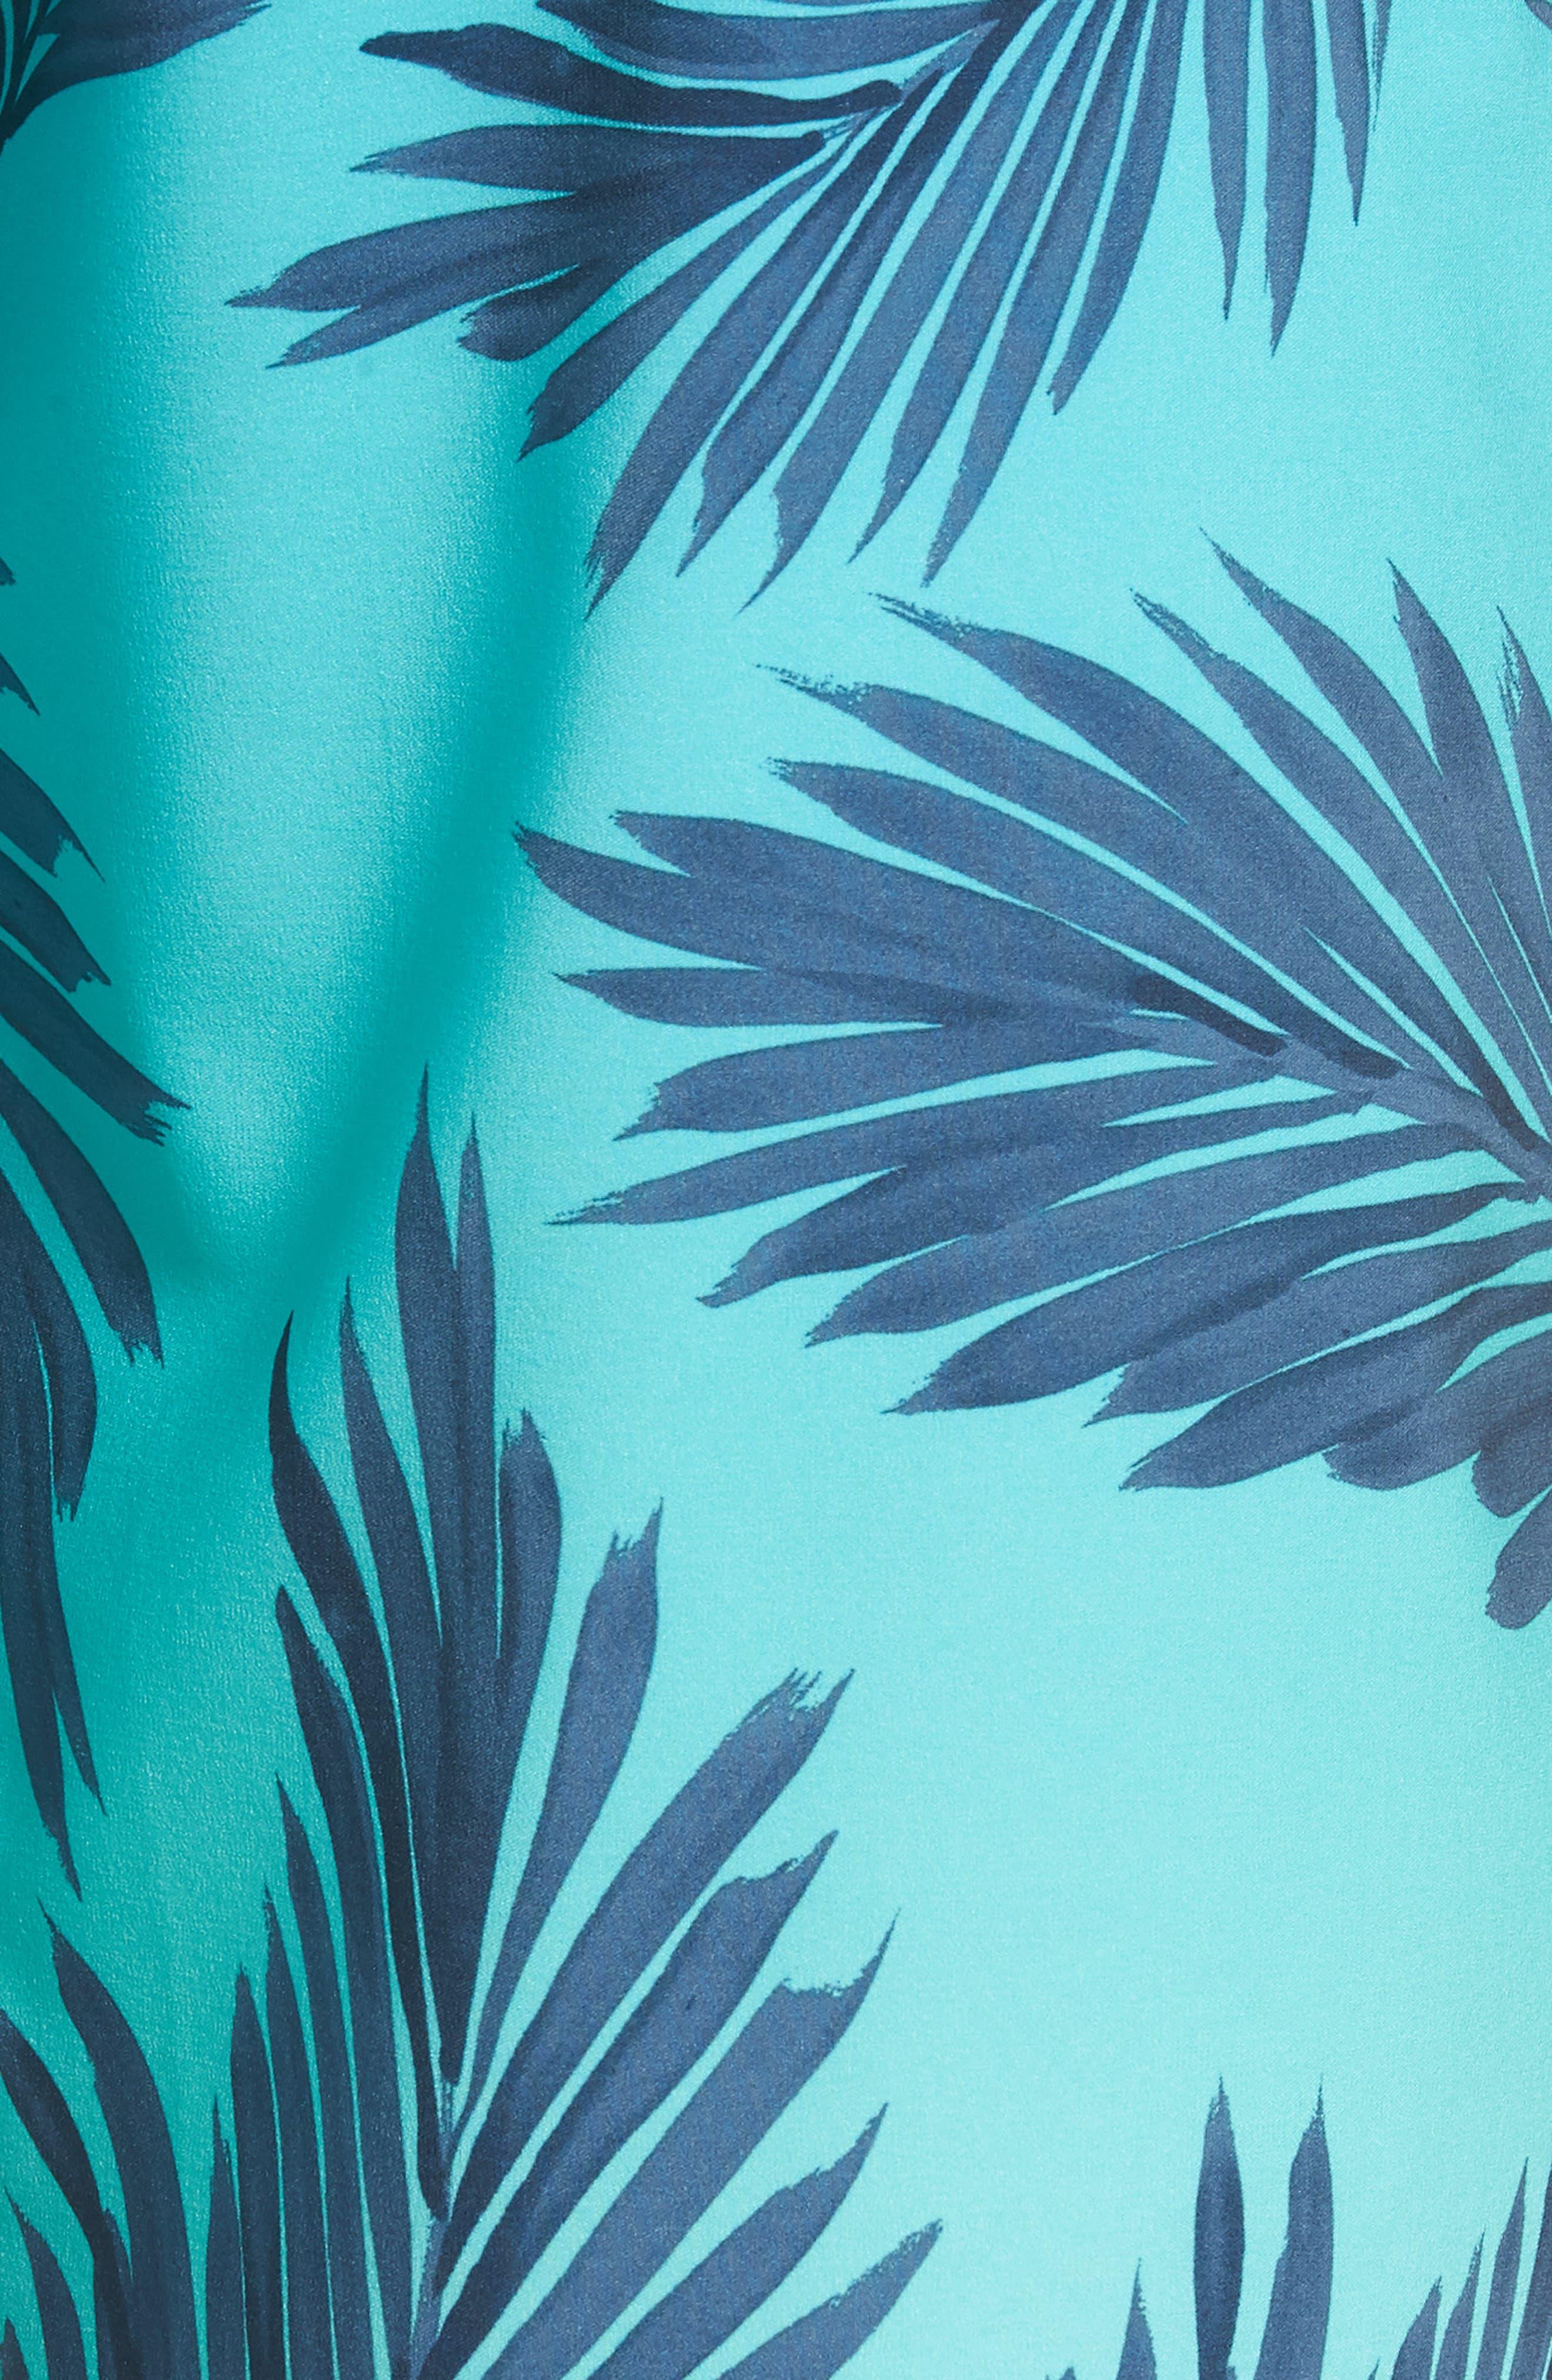 Mirage Mason Rockies Board Shorts,                             Alternate thumbnail 5, color,                             Teal